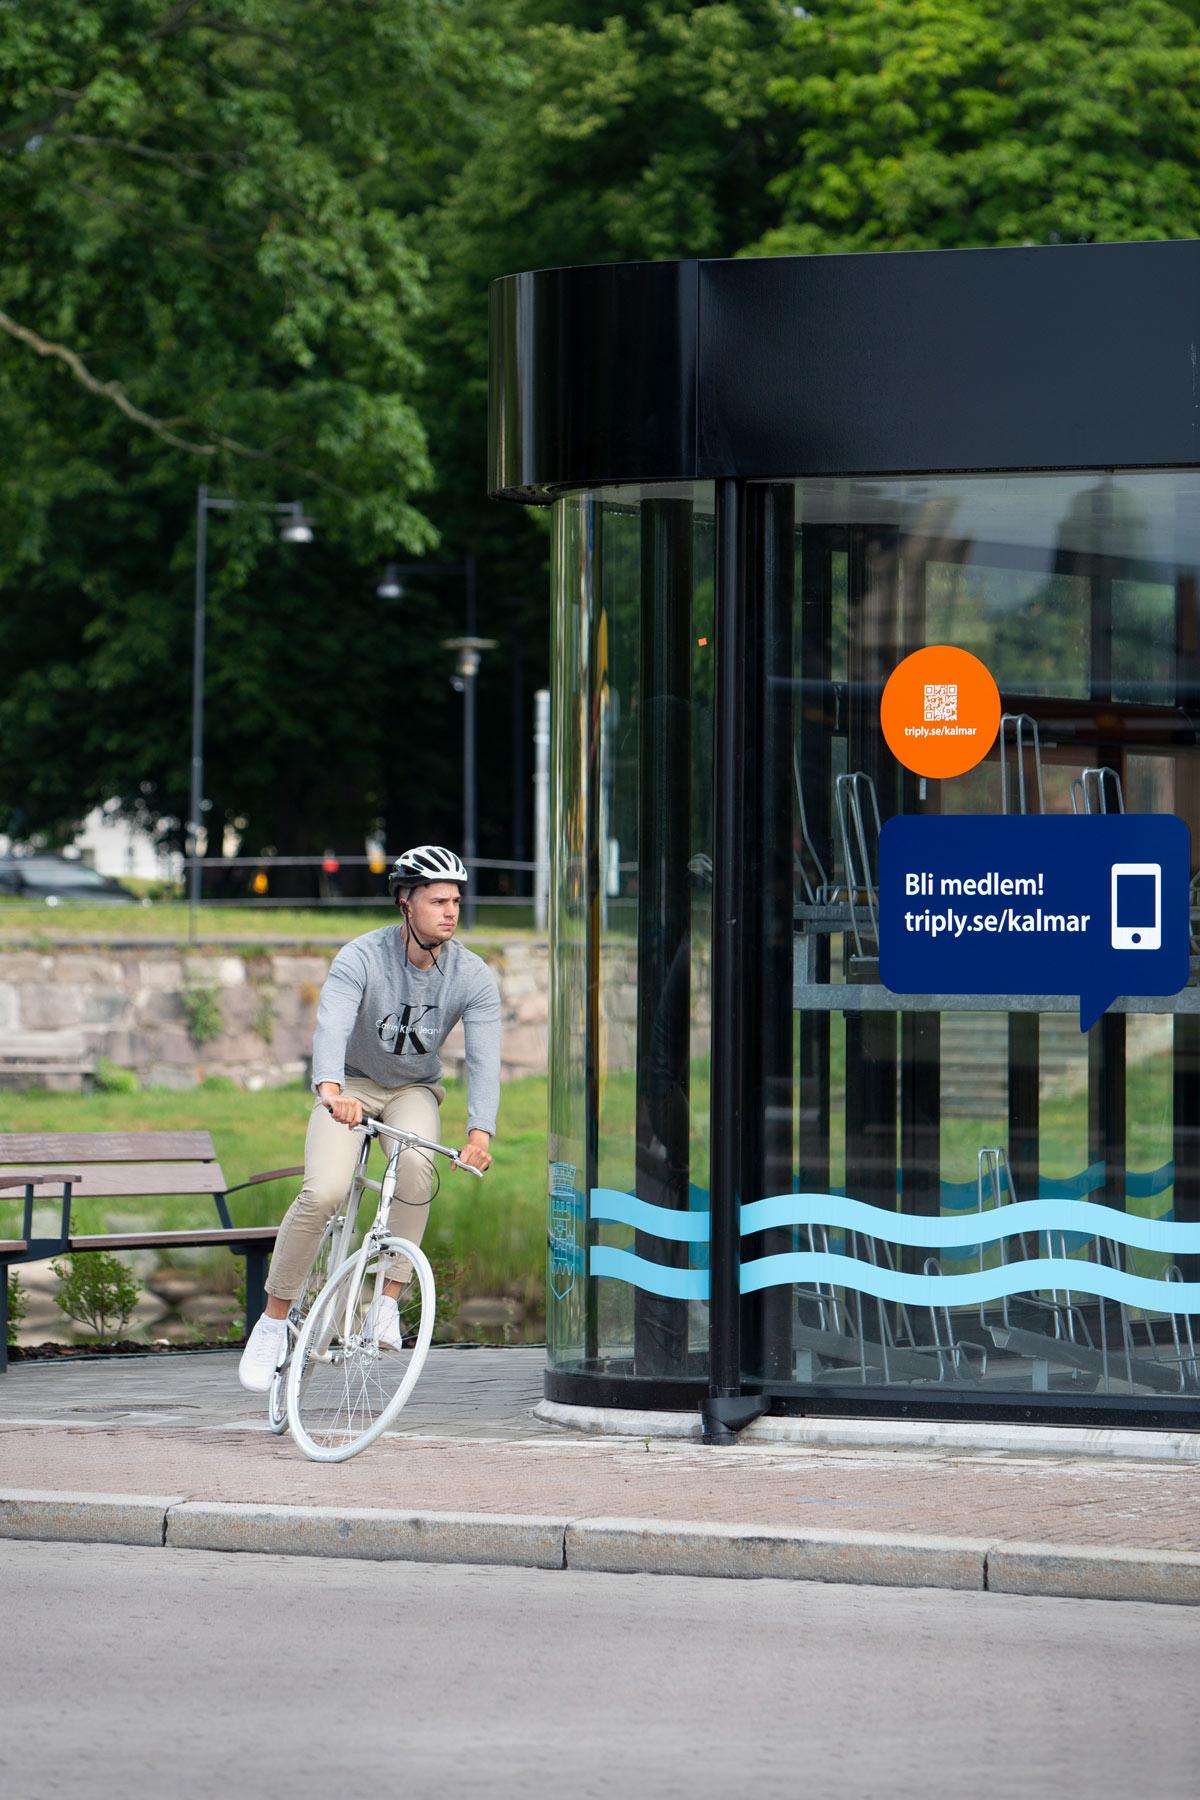 Cykelgarage med runda hörn för smidig cykling